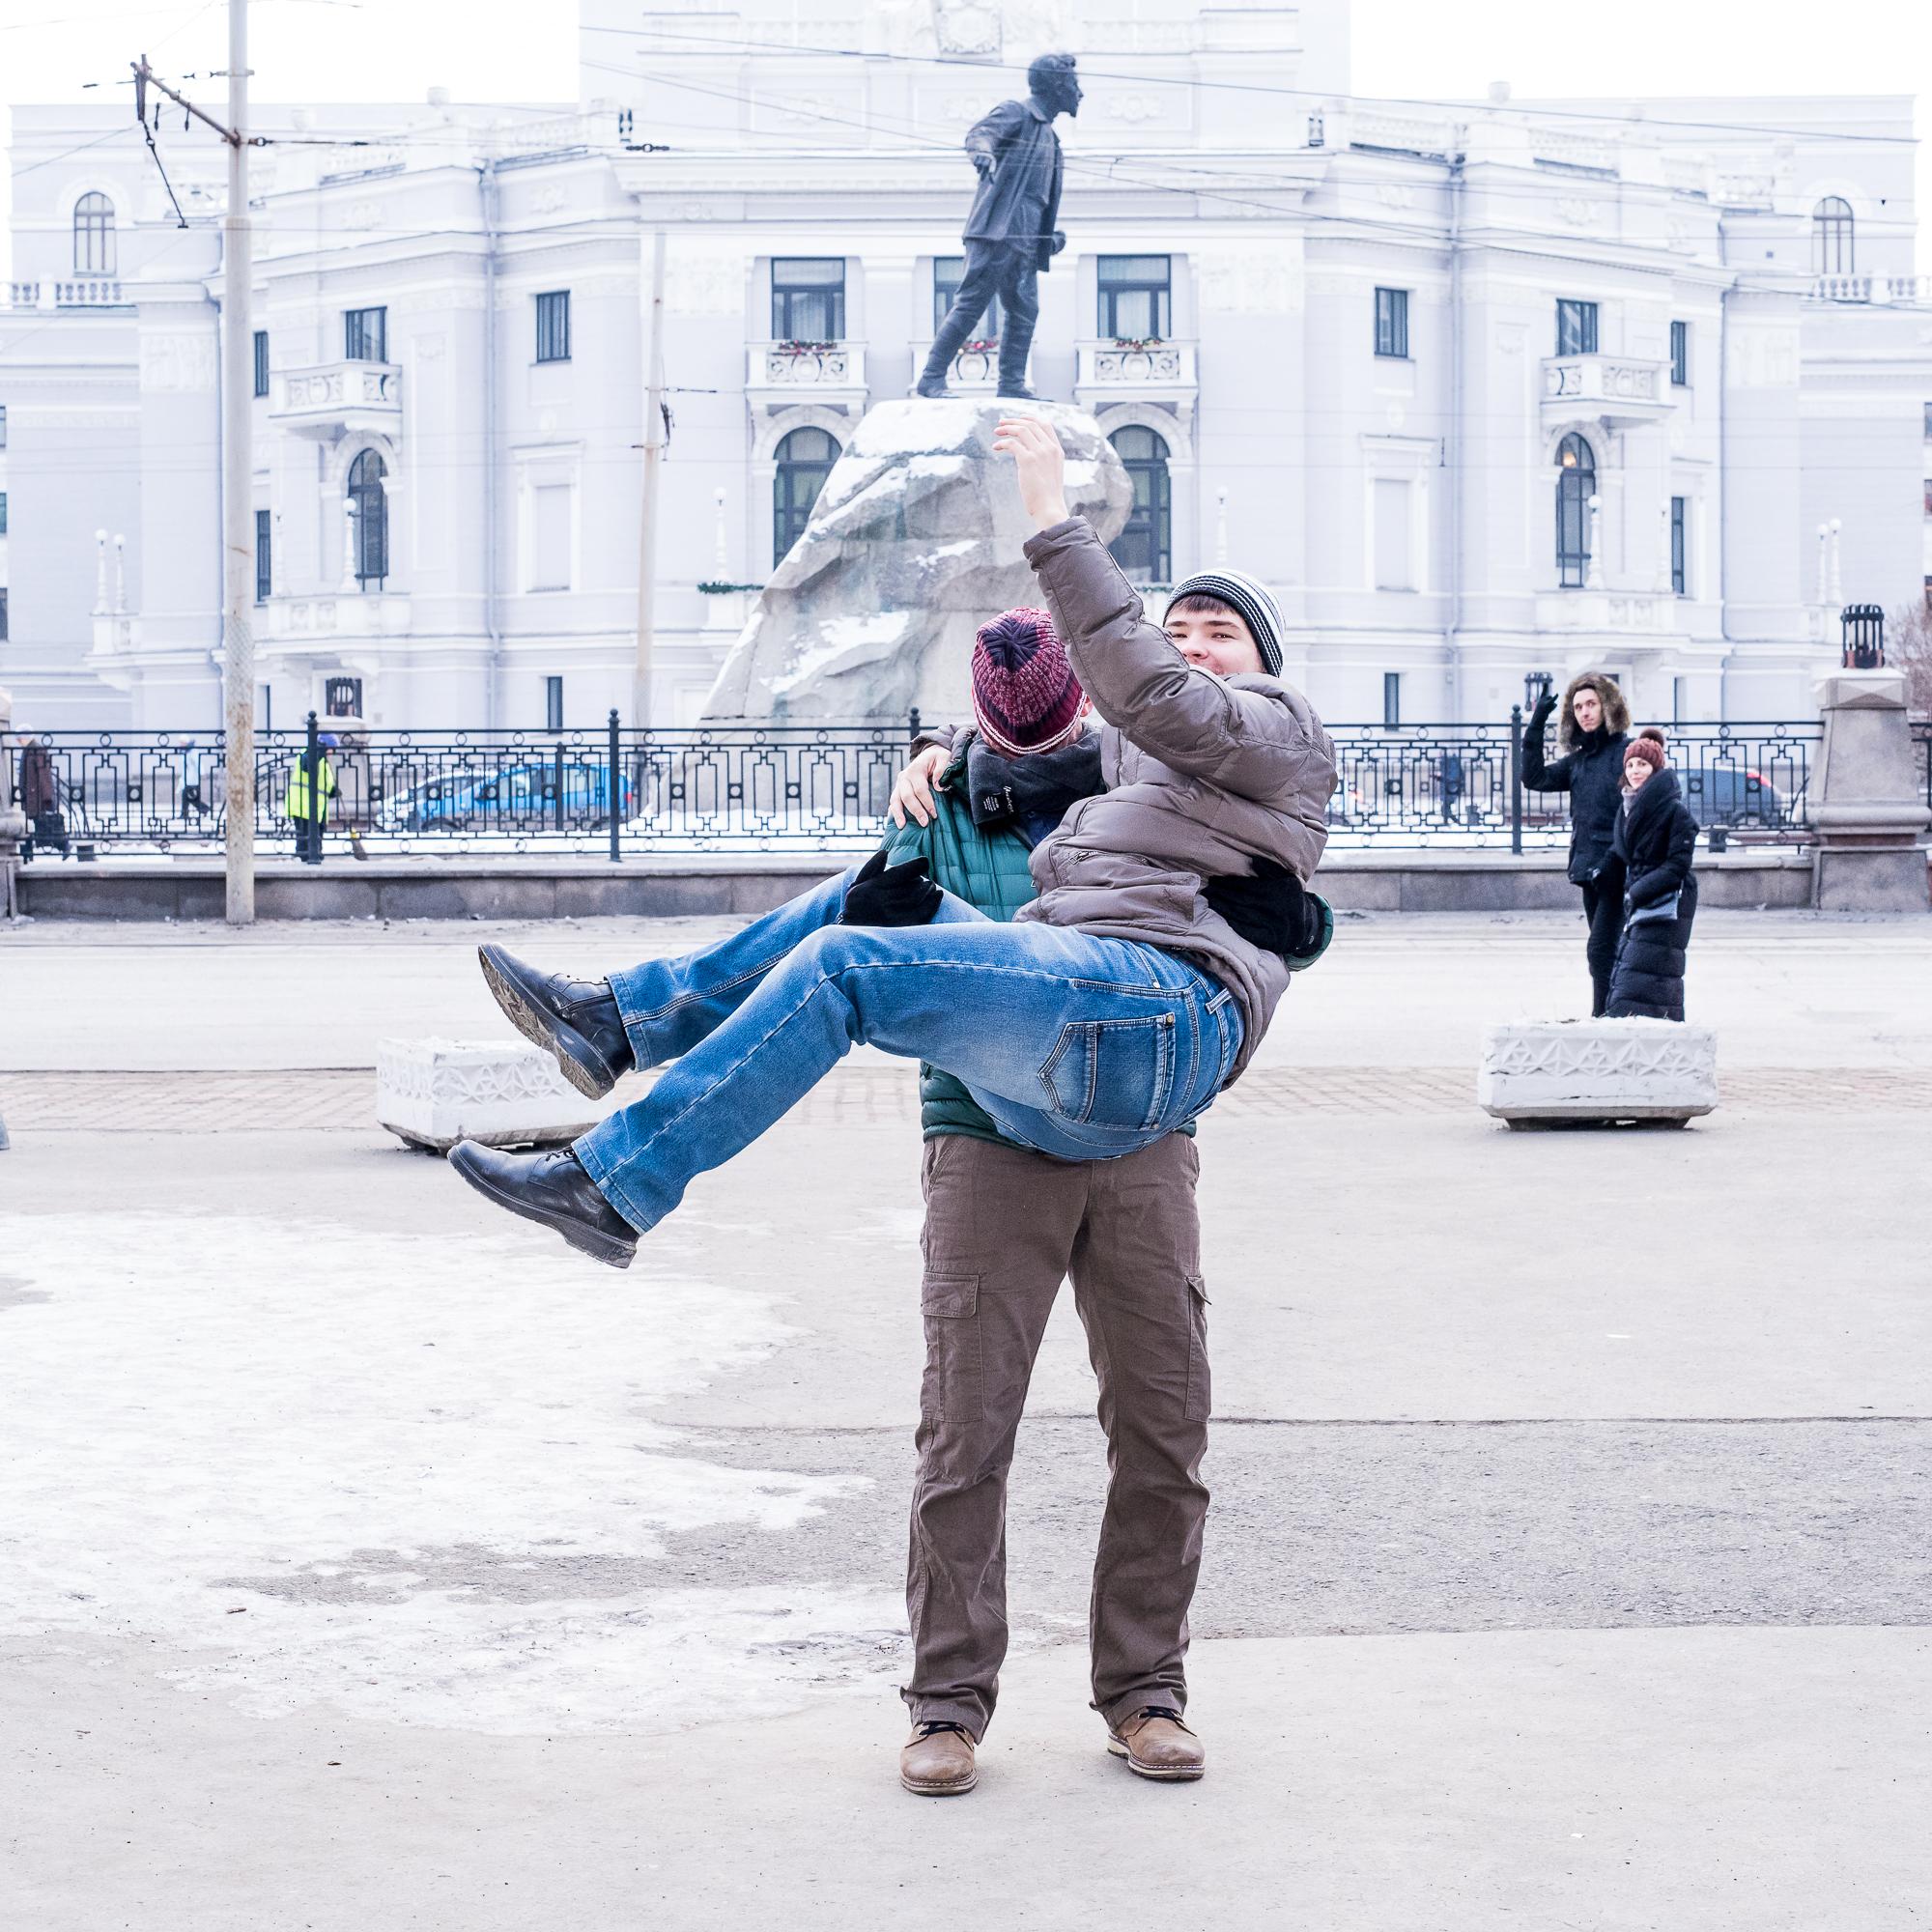 Yekaterinburg_Russia_-13°C